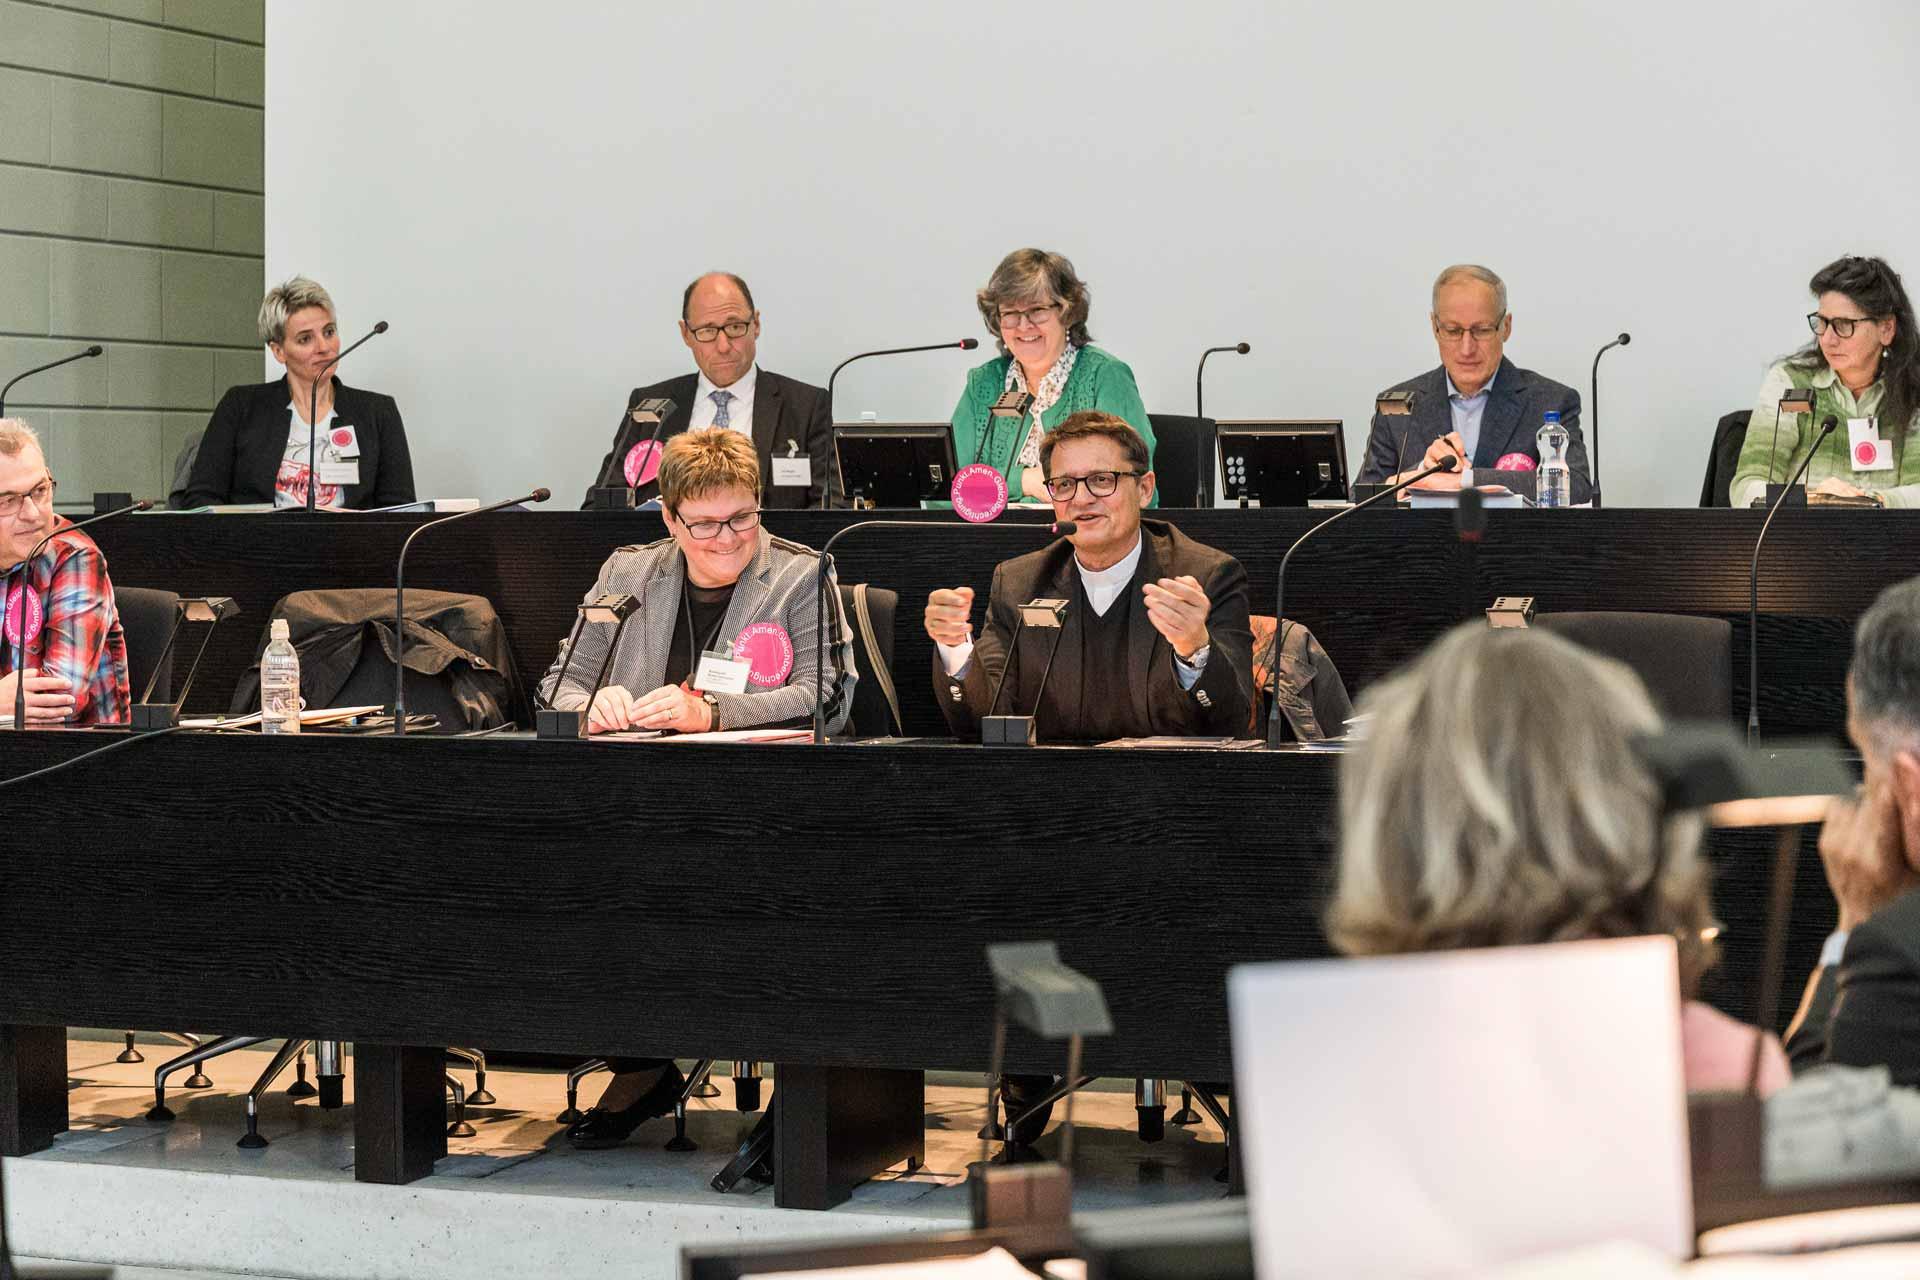 «Das dauert leider Gottes sehr lang»: Bischof Felix Gmür bei seinem Austausch mit der Luzerner Synode; neben ihm Synodalratspräsidentin Annegreth Bienz-Geisseler. | © 2019 Roberto Conciatori